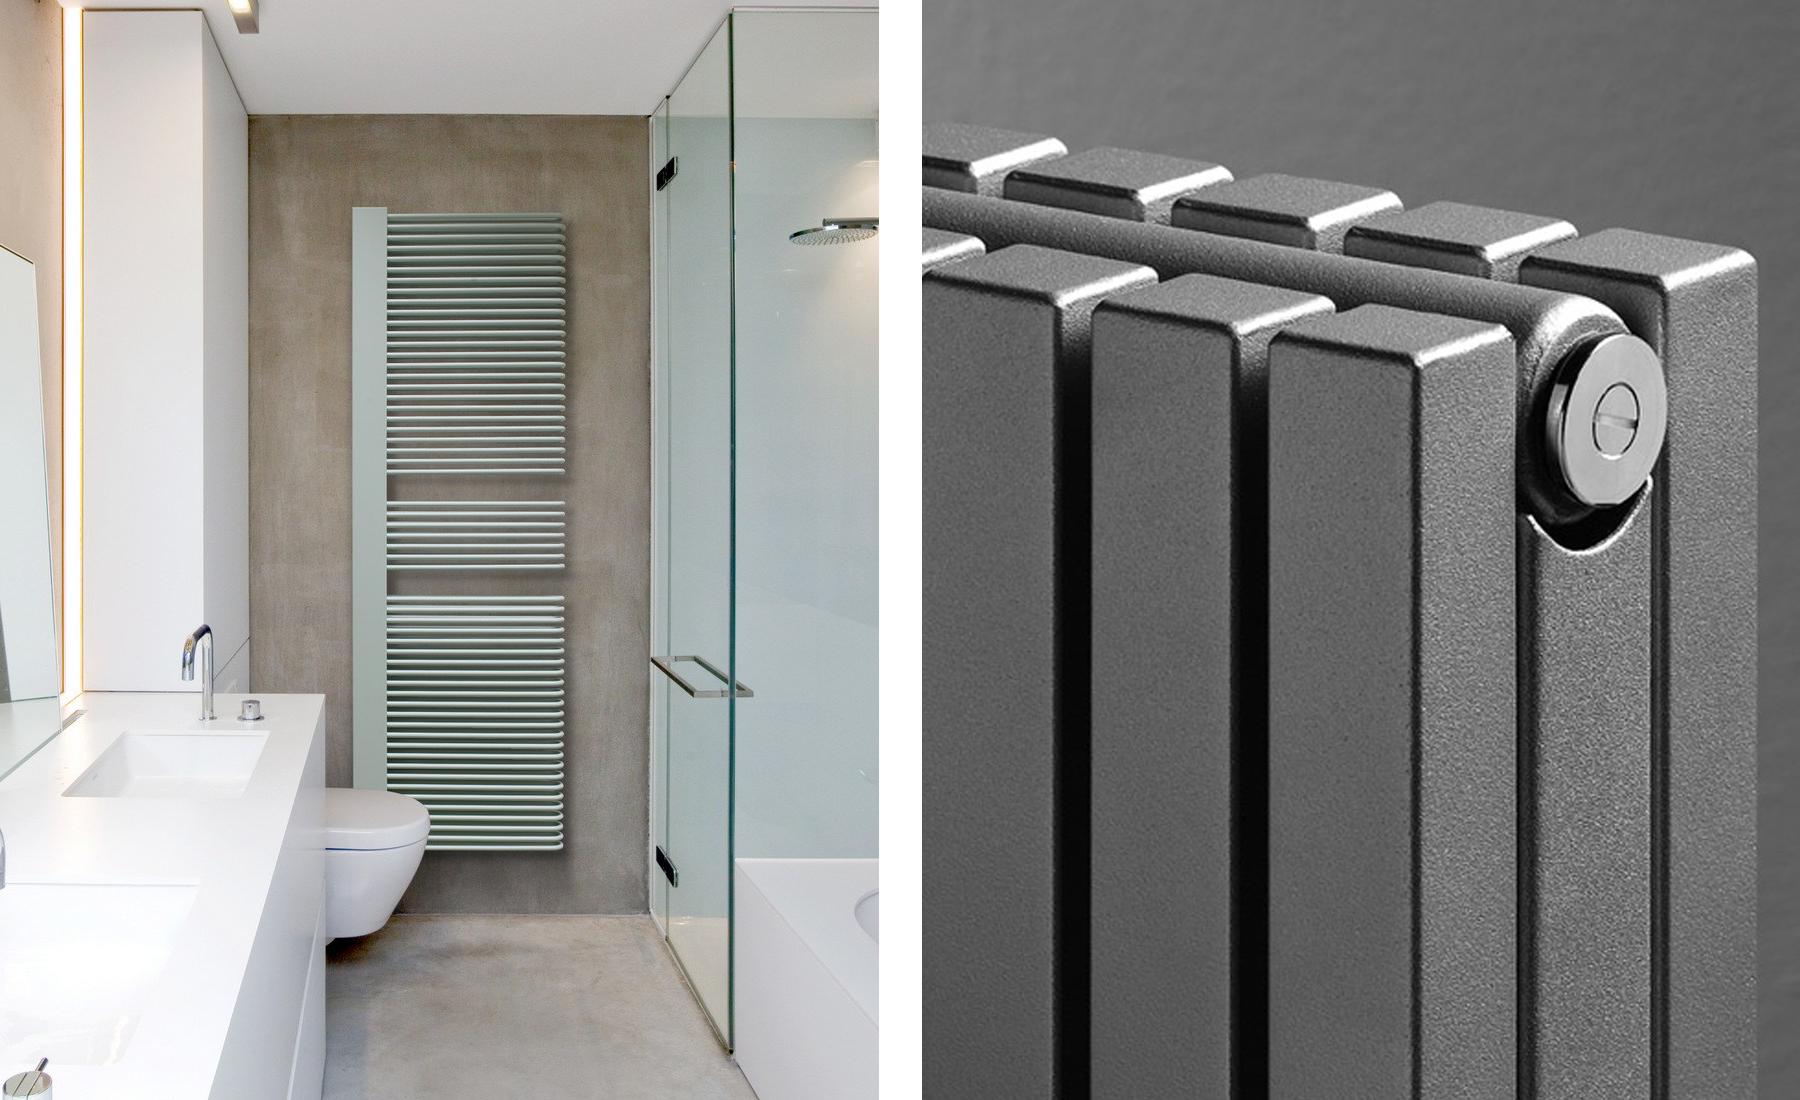 Mit Ausgefeilter Technik Und Durchdachter, Moderner Gestaltung Schafft  VASCO Innovative Heizkörper, Die Sich Nahtlos In Jedes Interieur Anpassen.